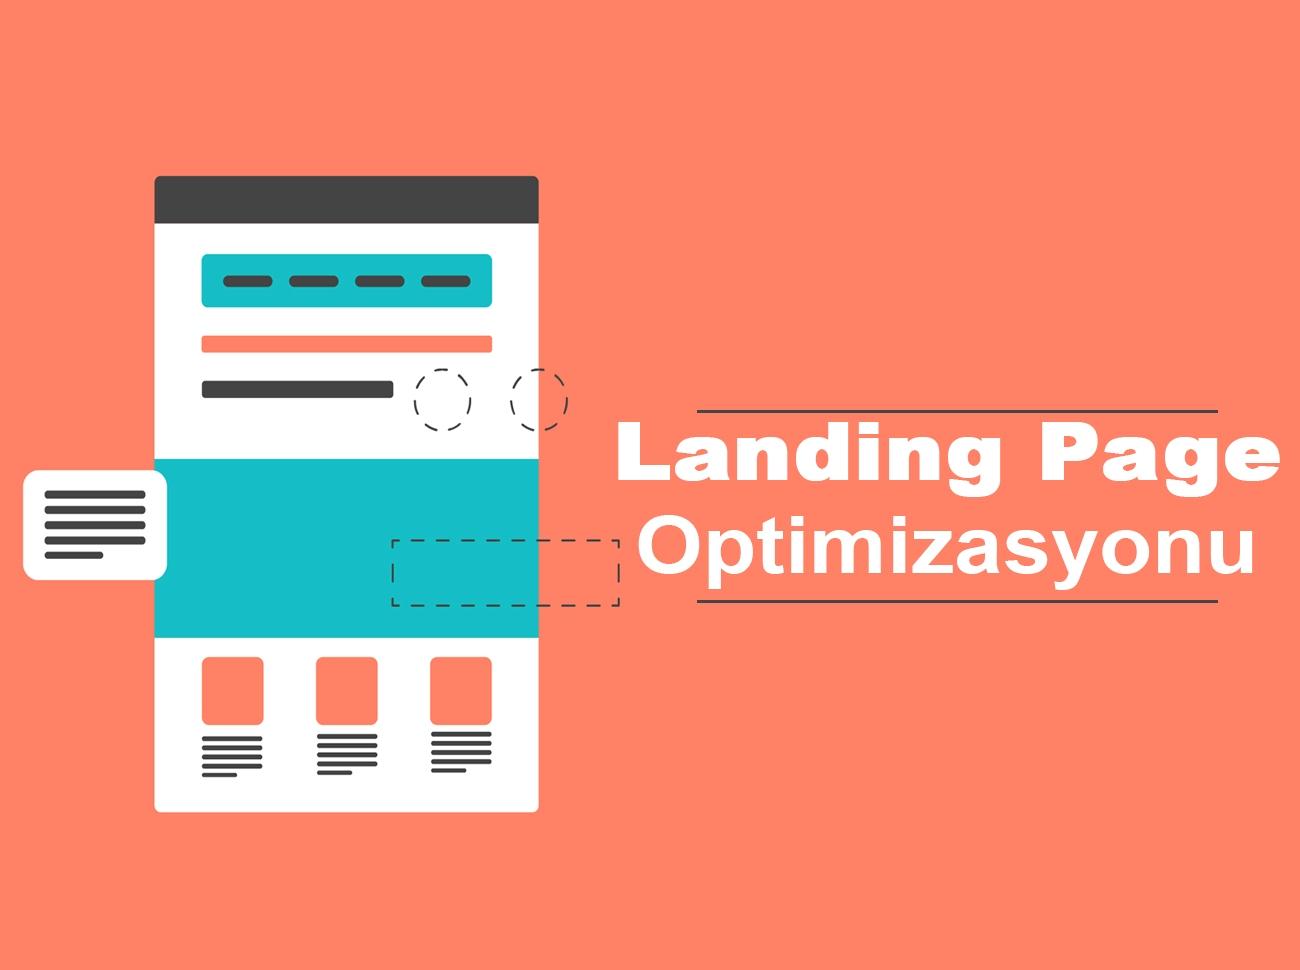 Landing Page (Açılış Sayfası) Optimizasyonunda Önemli Noktalar